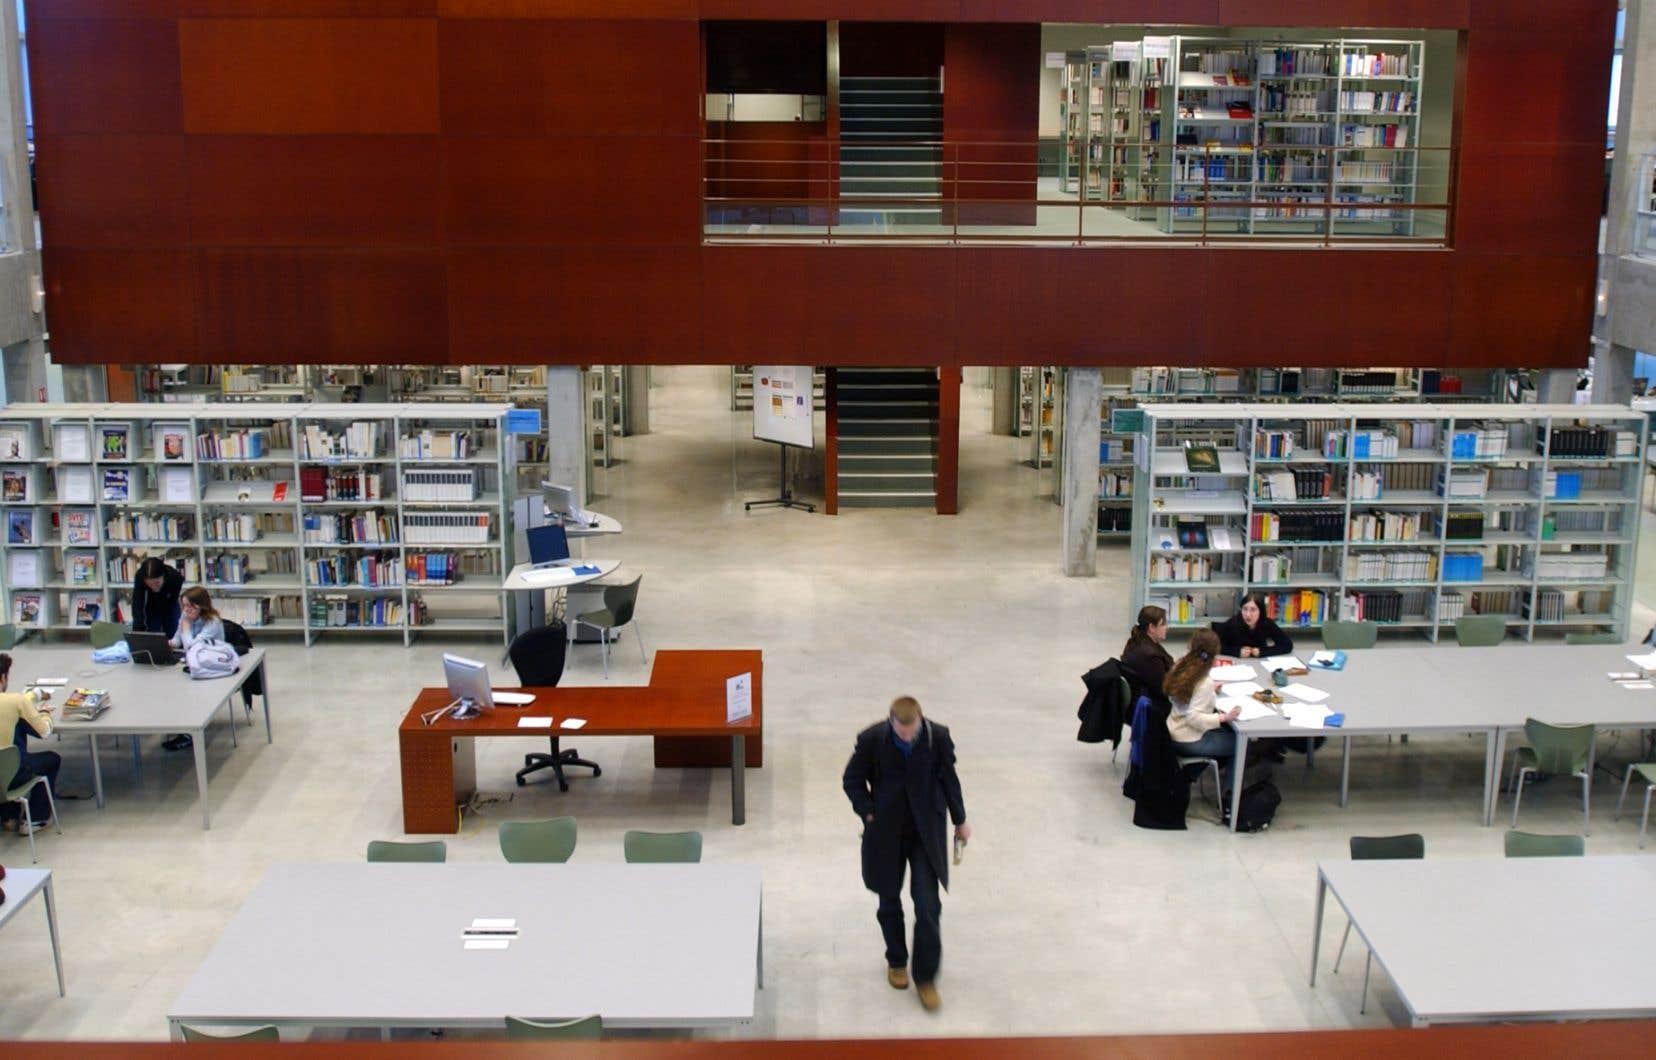 Les frais d'abonnement aux magazines scientifiques accaparent désormais 73% des budgets d'acquisition des bibliothèques universitaires.